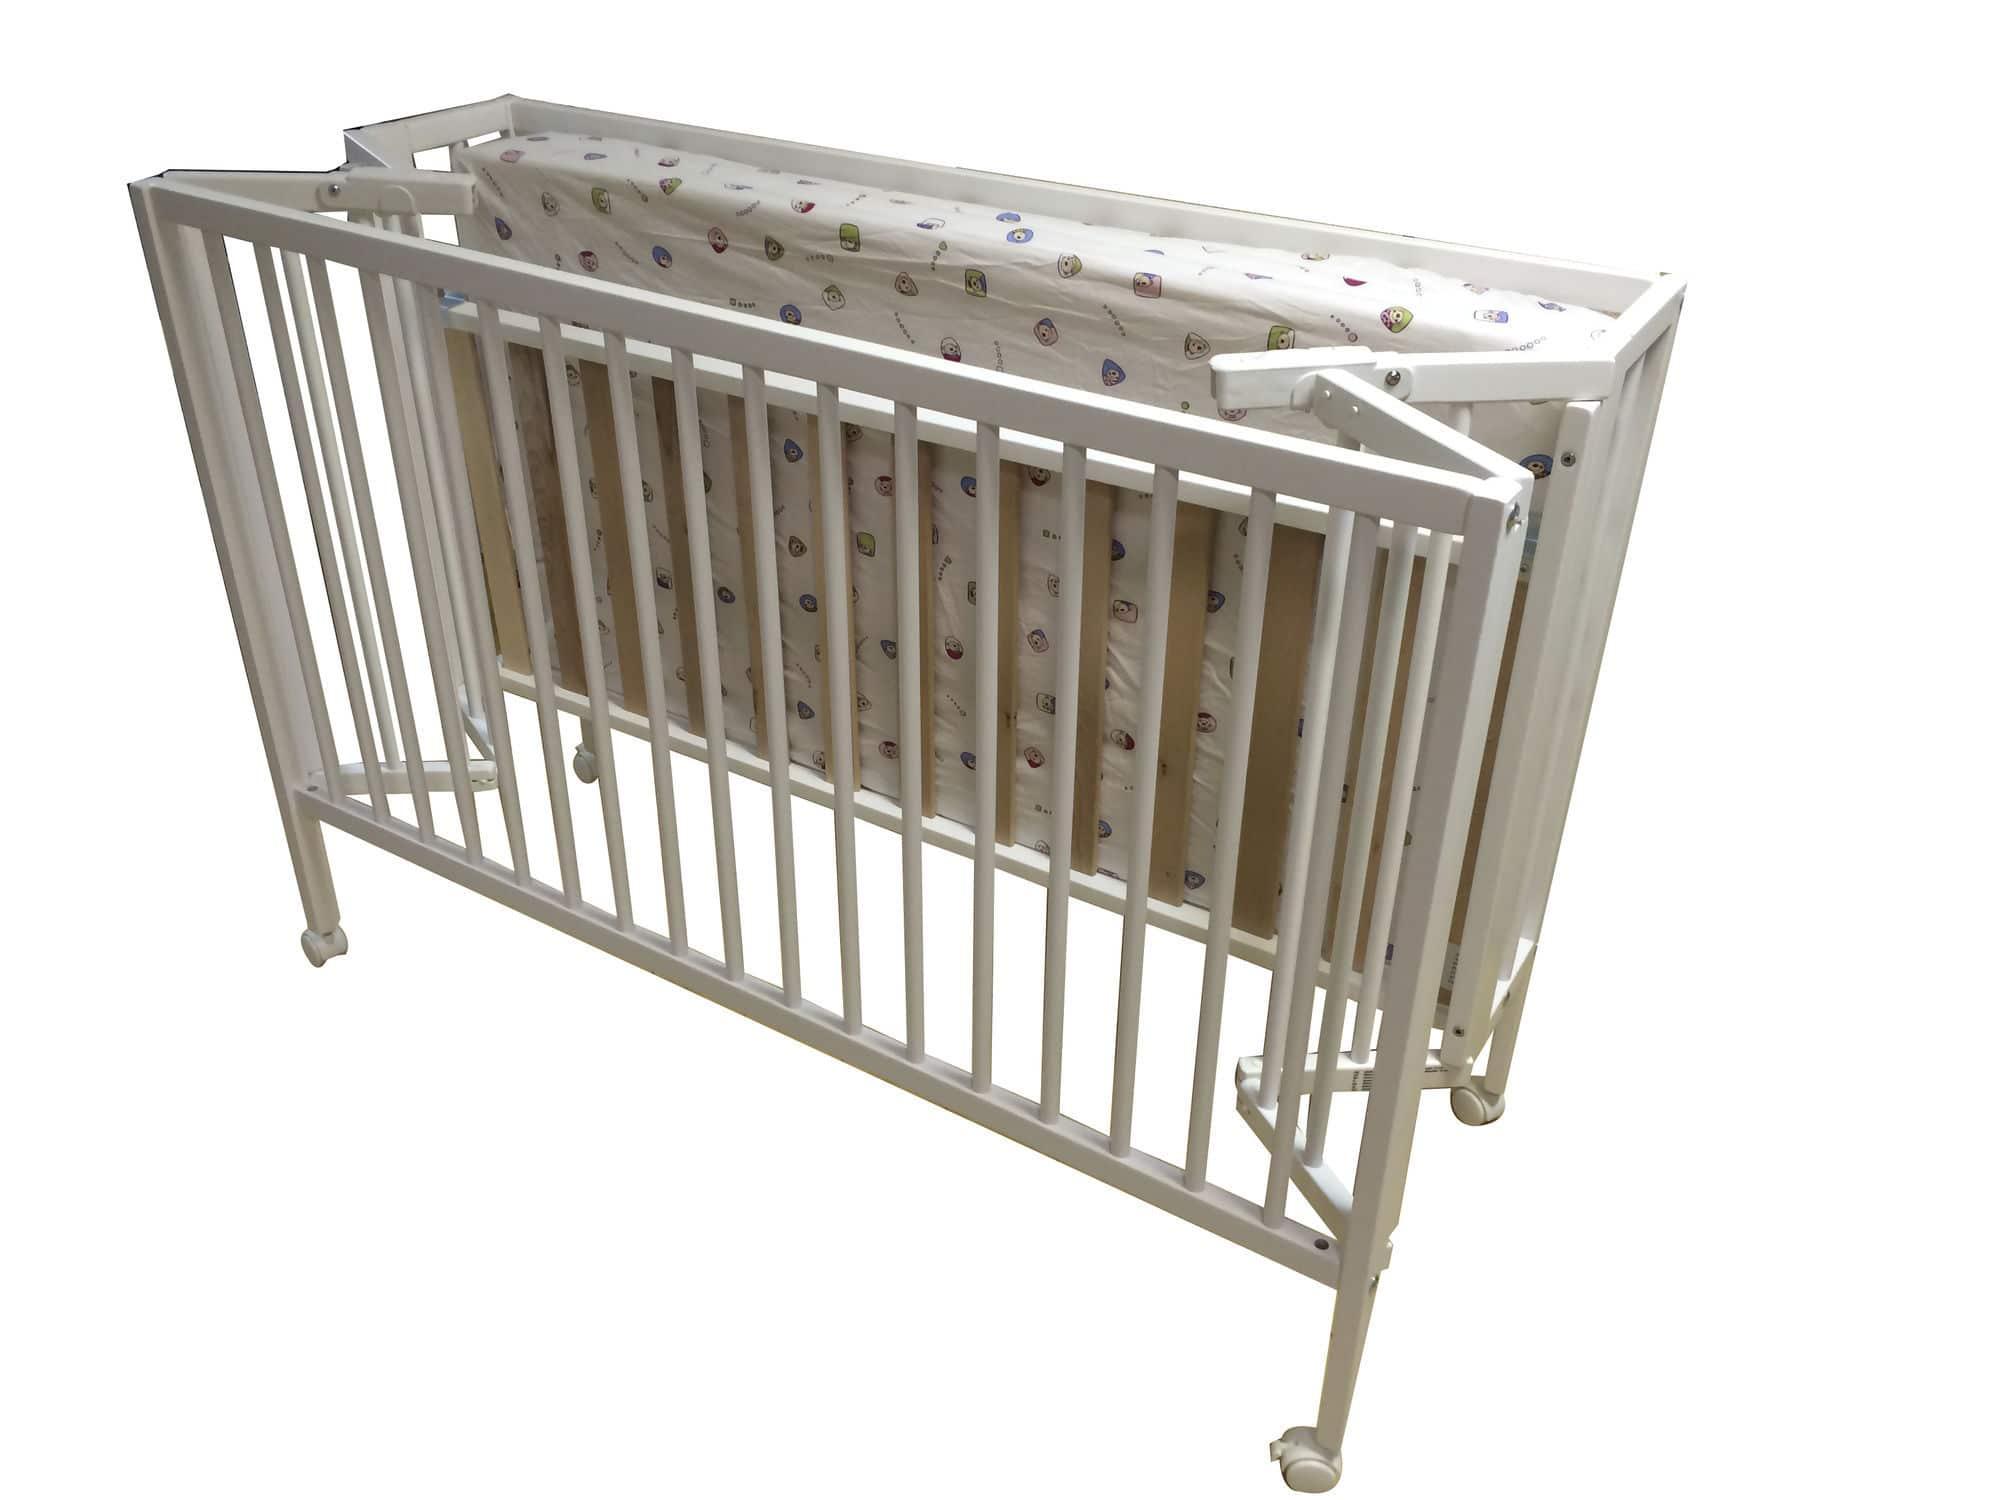 lit bebe bois pliant leclerc id es de tricot gratuit. Black Bedroom Furniture Sets. Home Design Ideas